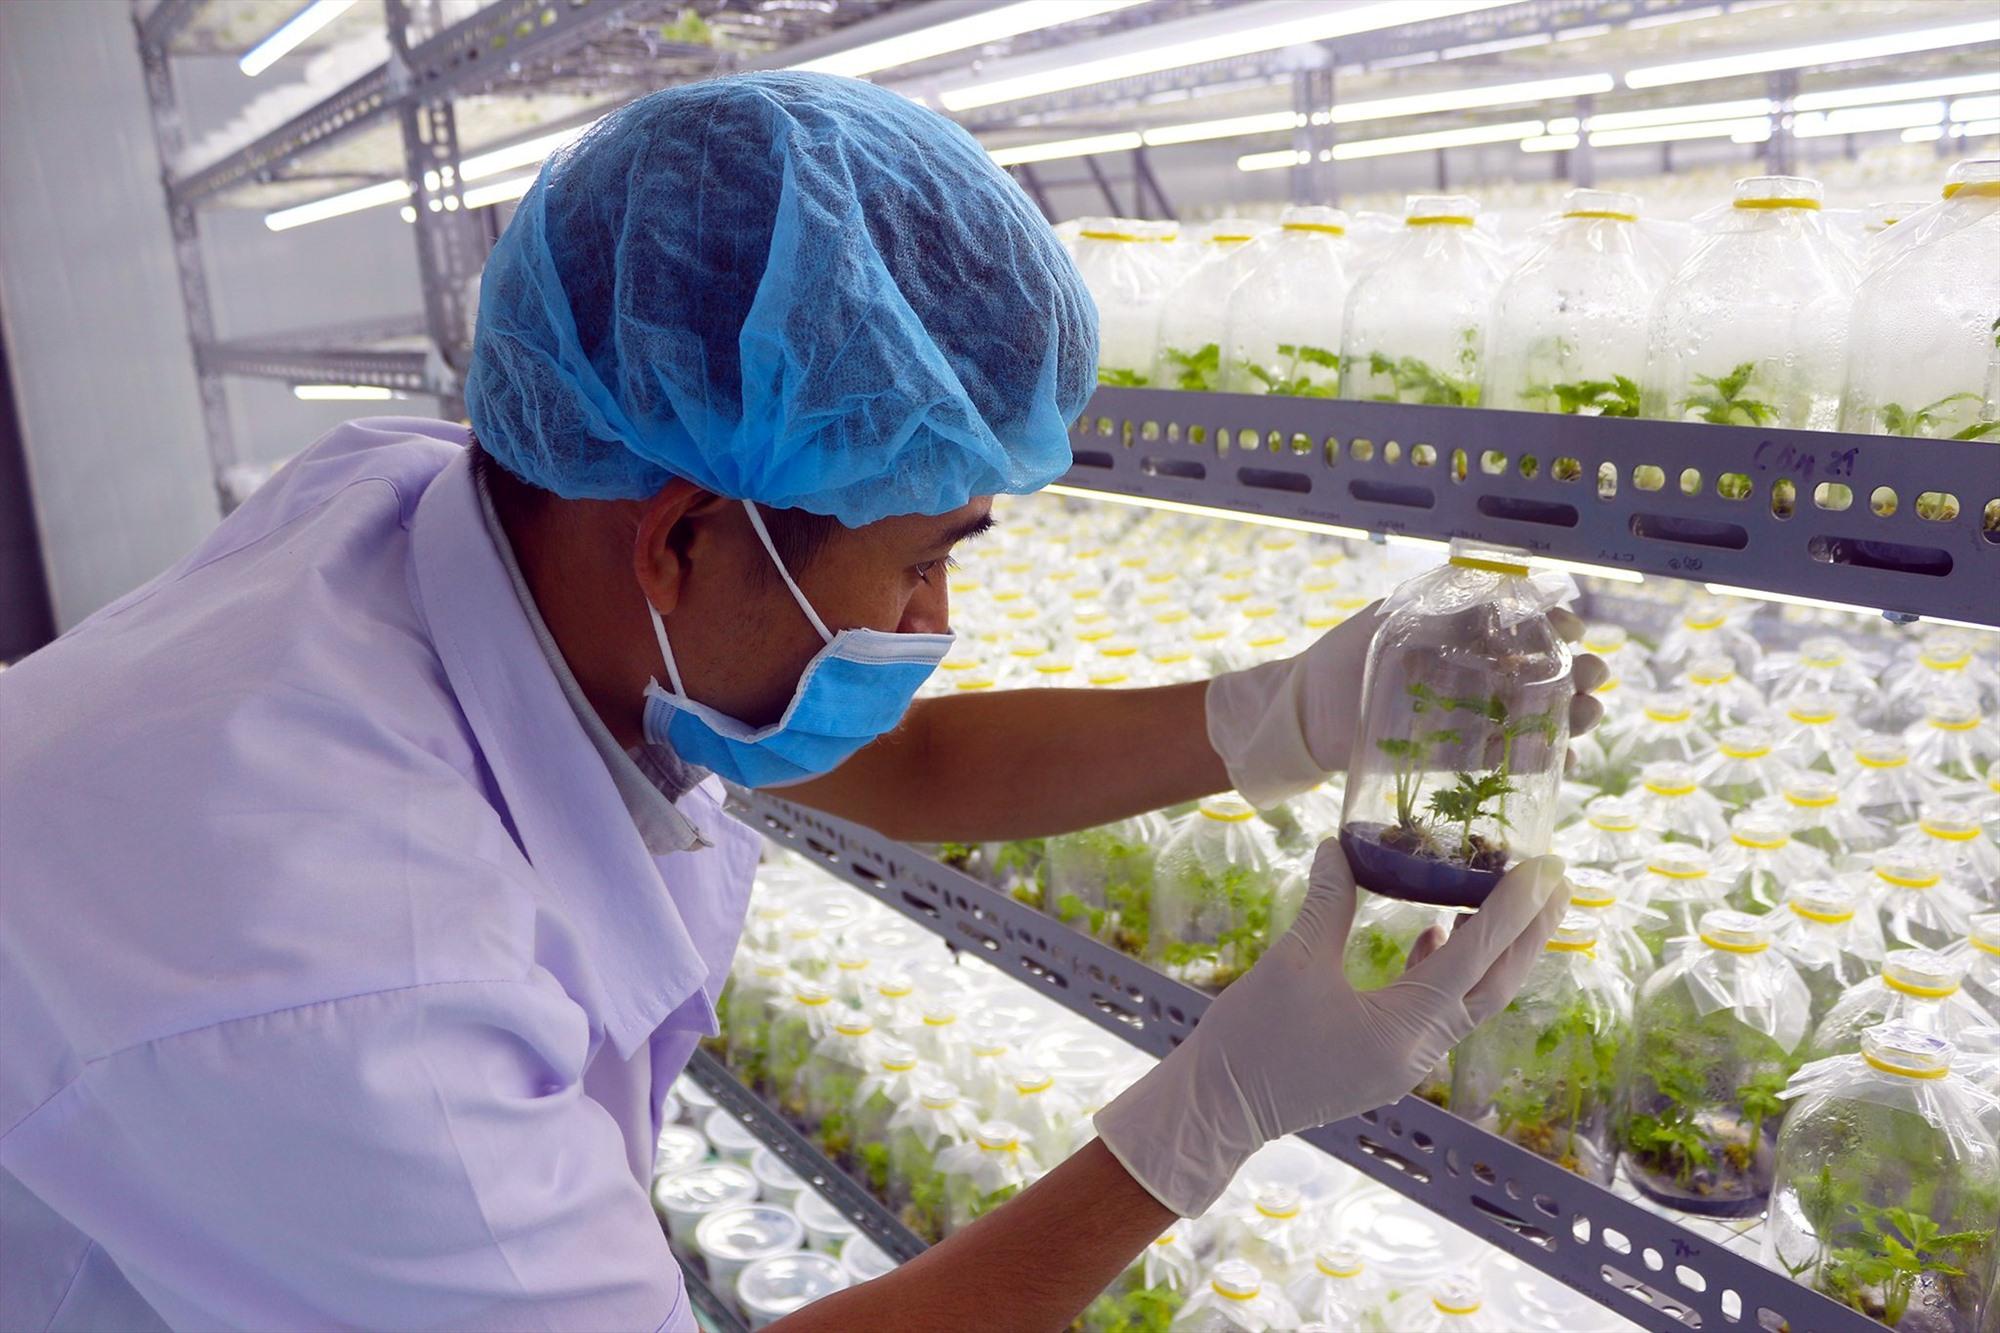 Quảng Nam cần có cơ chế hỗ trợ thiết thực để khuyến khích phát triển nông nghiệp công nghệ cao. Ảnh: NGUYỄN QUANG